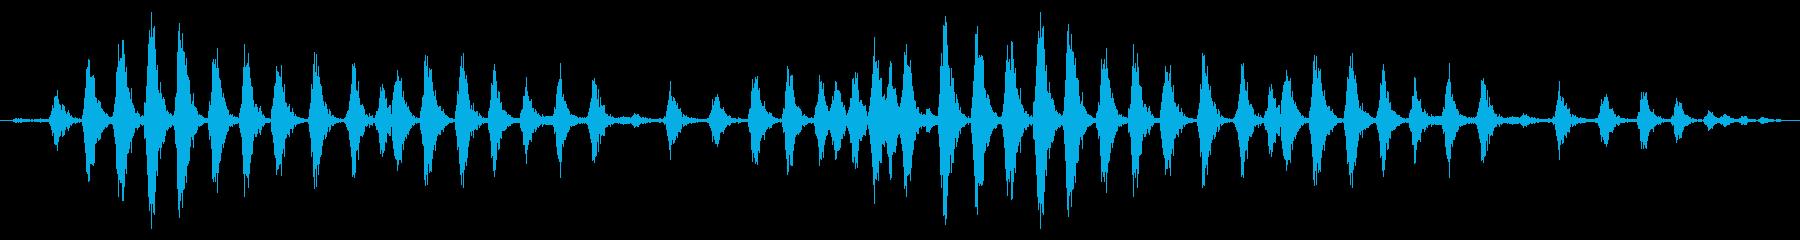 ラージチキンクープ:ヘビークッキングの再生済みの波形